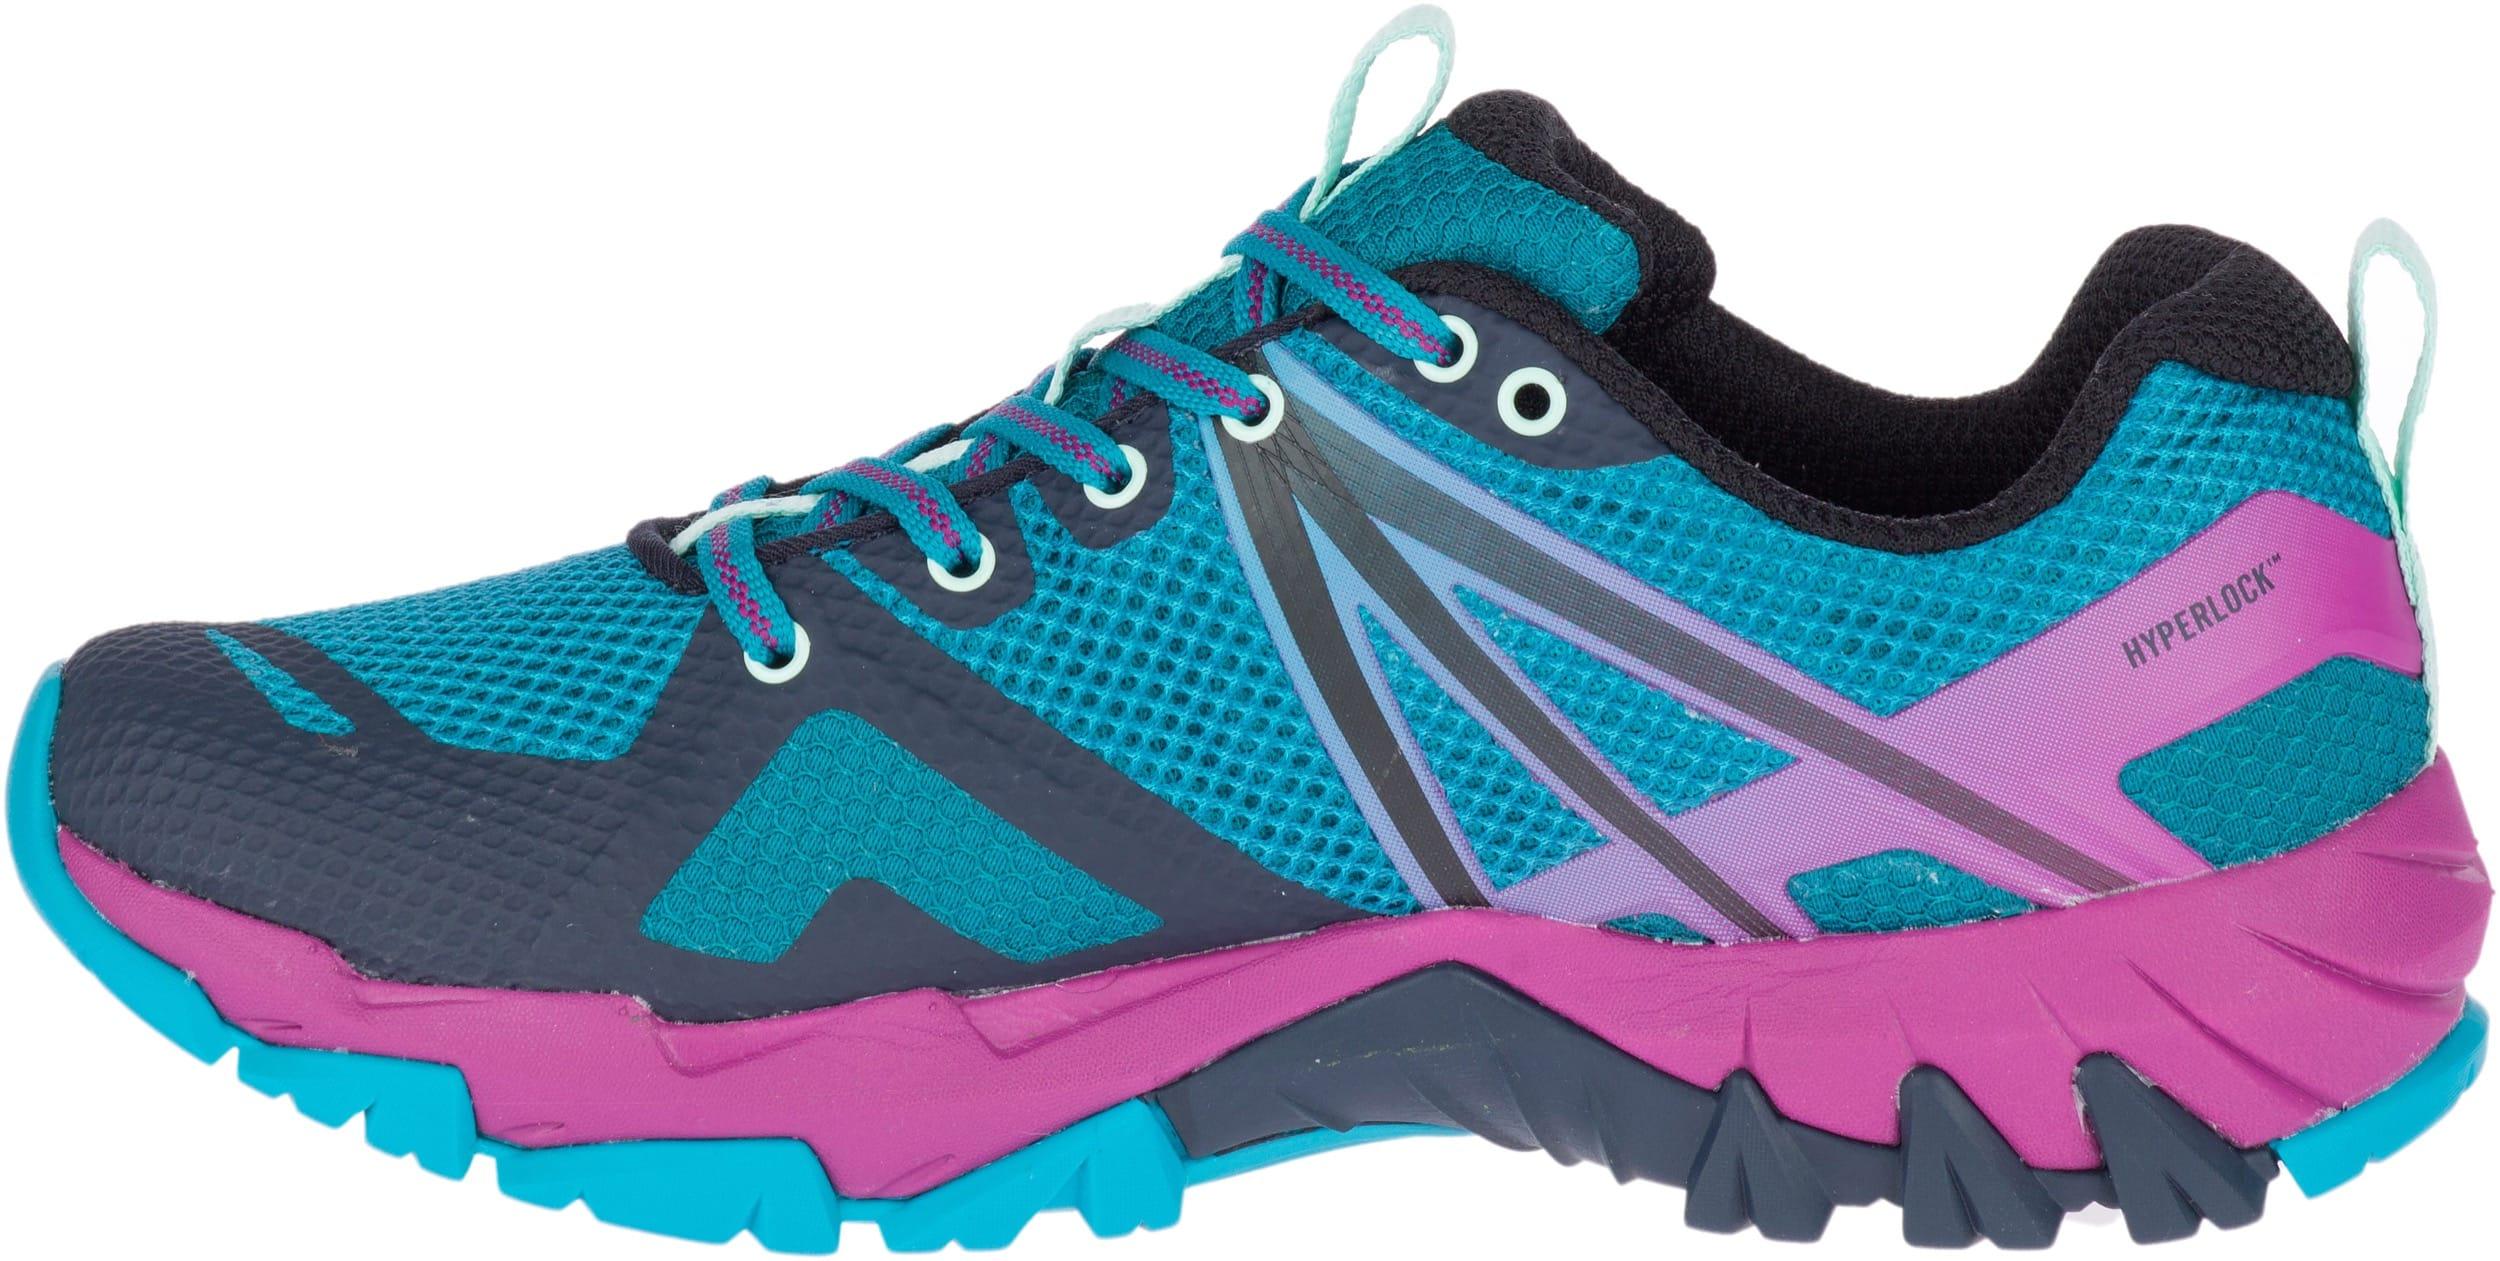 Zapatos de Senderismo Mujer 6.5 Talla de calzado mujer EE